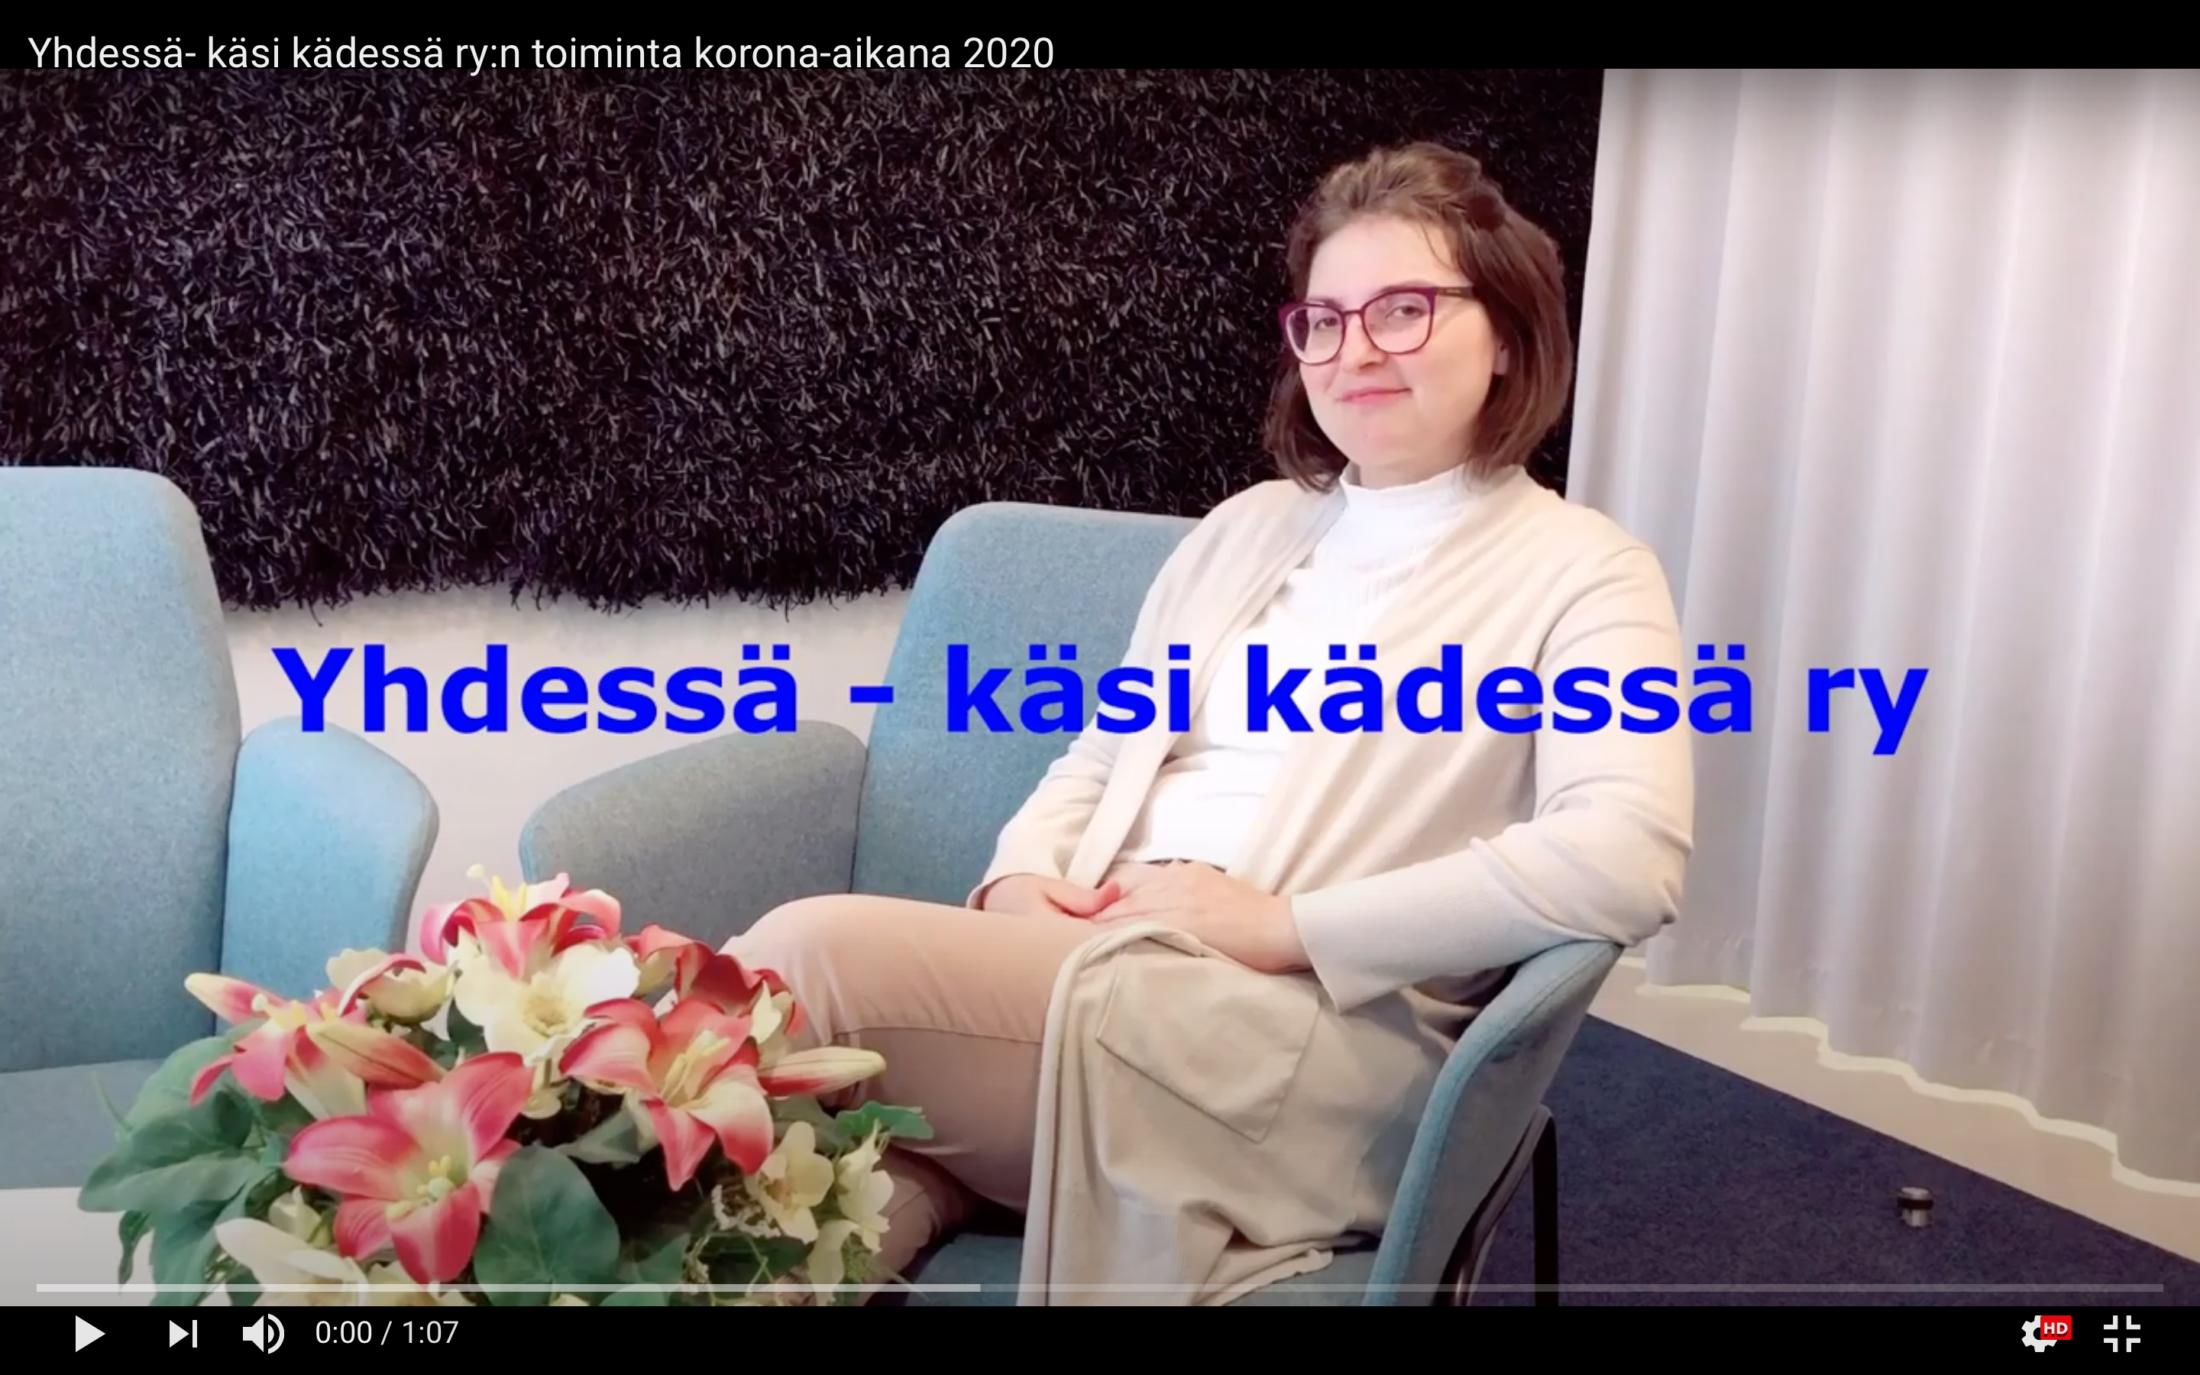 Kuvakaappaus YouTube-videosta. Kuvassa Yhdessä - käsi kädessä ry:n puheenjohtaja Egezona Kllokoqi-Bublaku